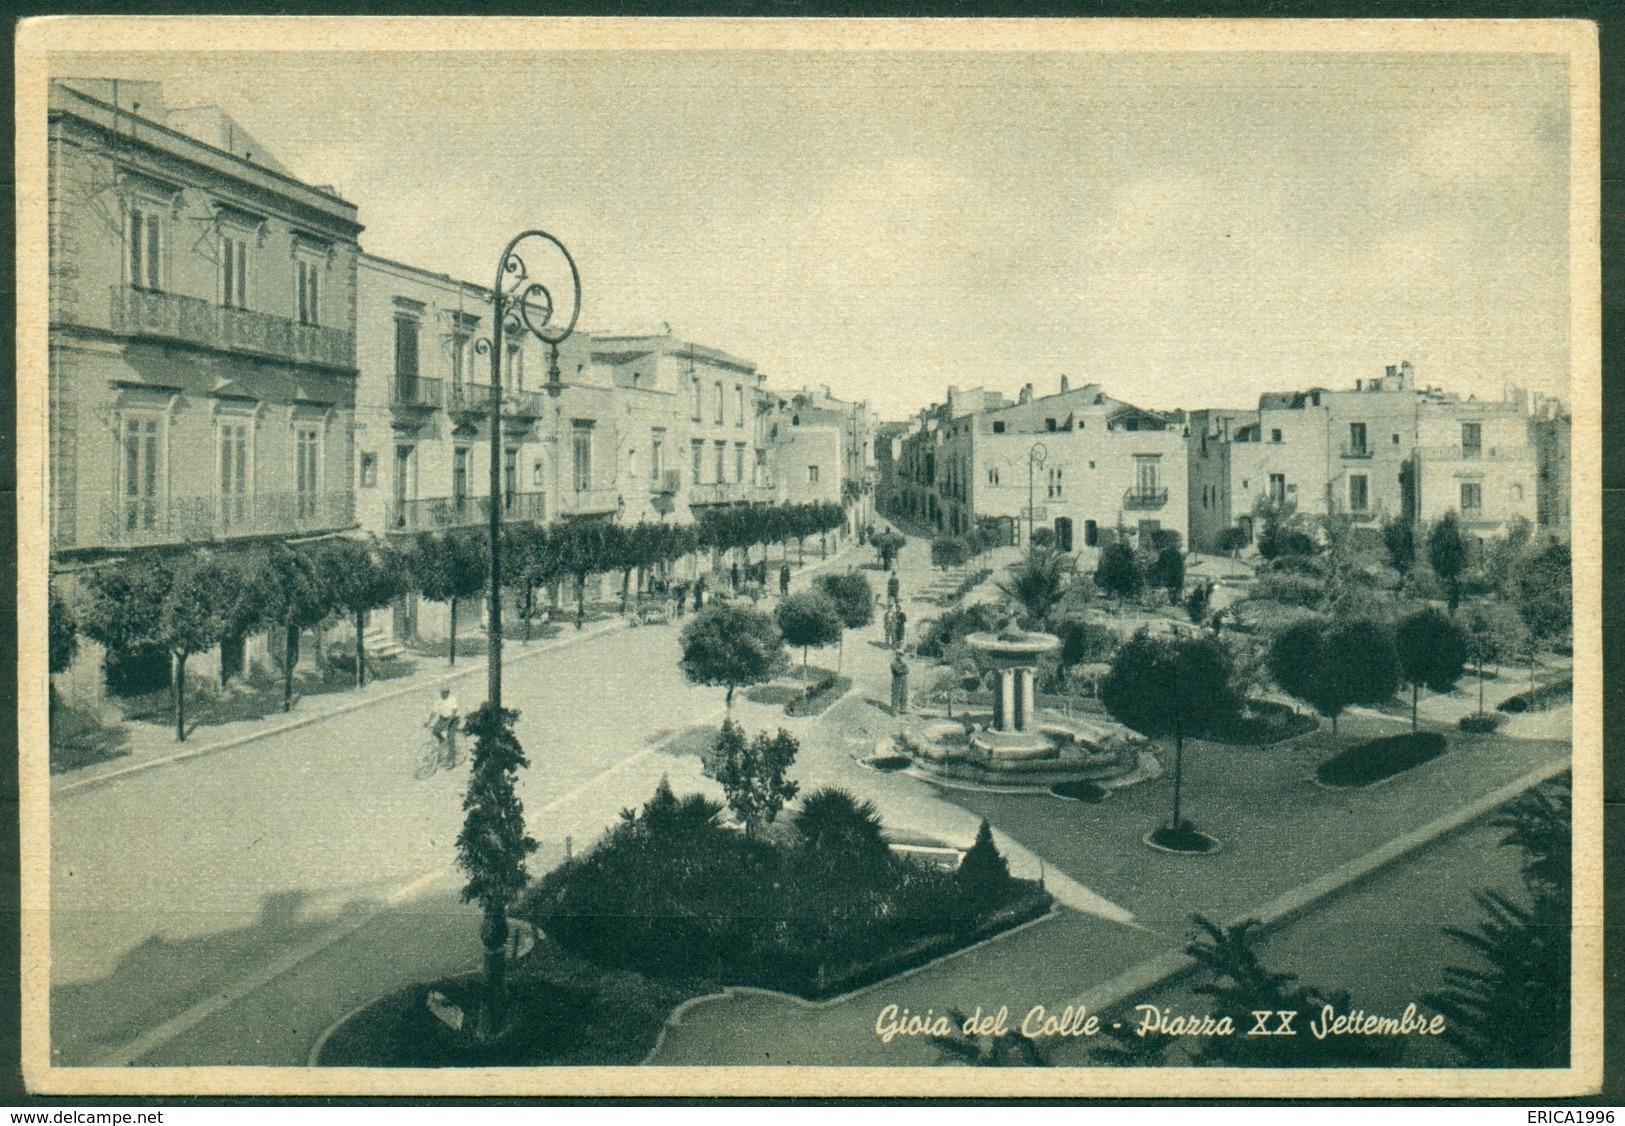 CARTOLINA - BARI - CV608 GIOIA DEL COLLE -  Piazza XX Settembre, FG, Non Viaggiata, Ottime Condizioni - Bari